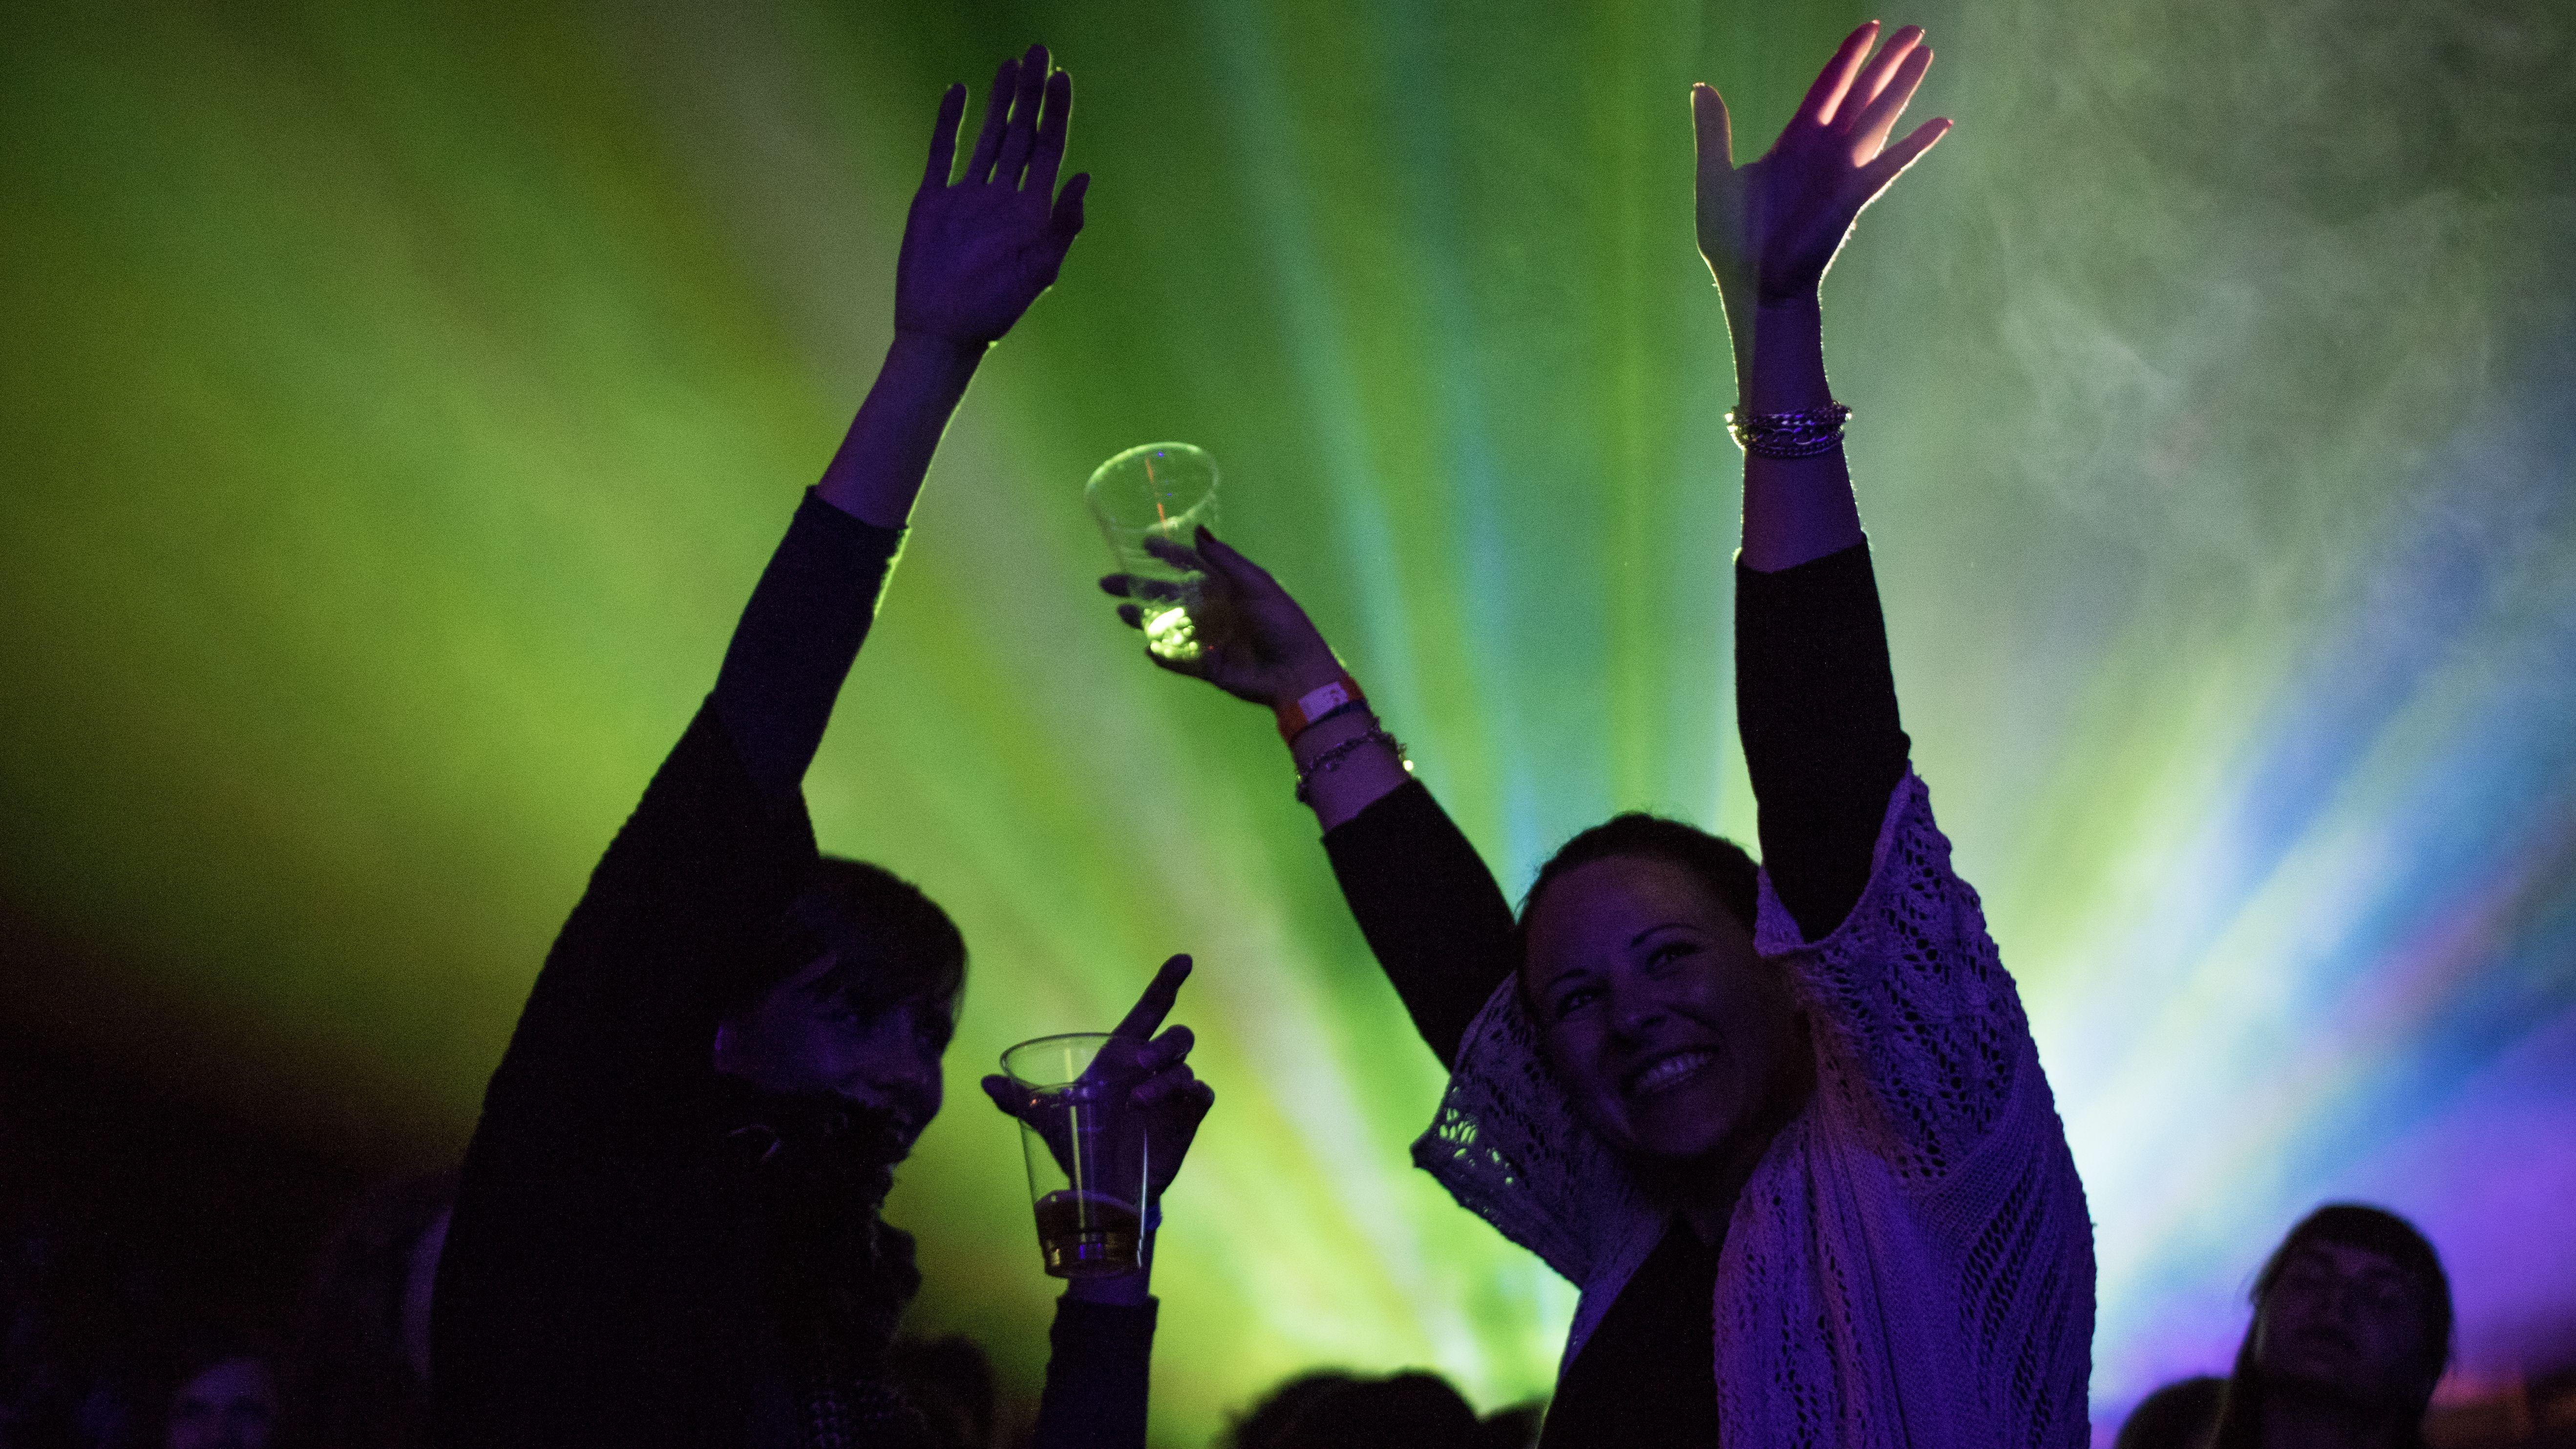 Zwei feiernde Frauen im Dunkeln mit bunten Scheinwerfern